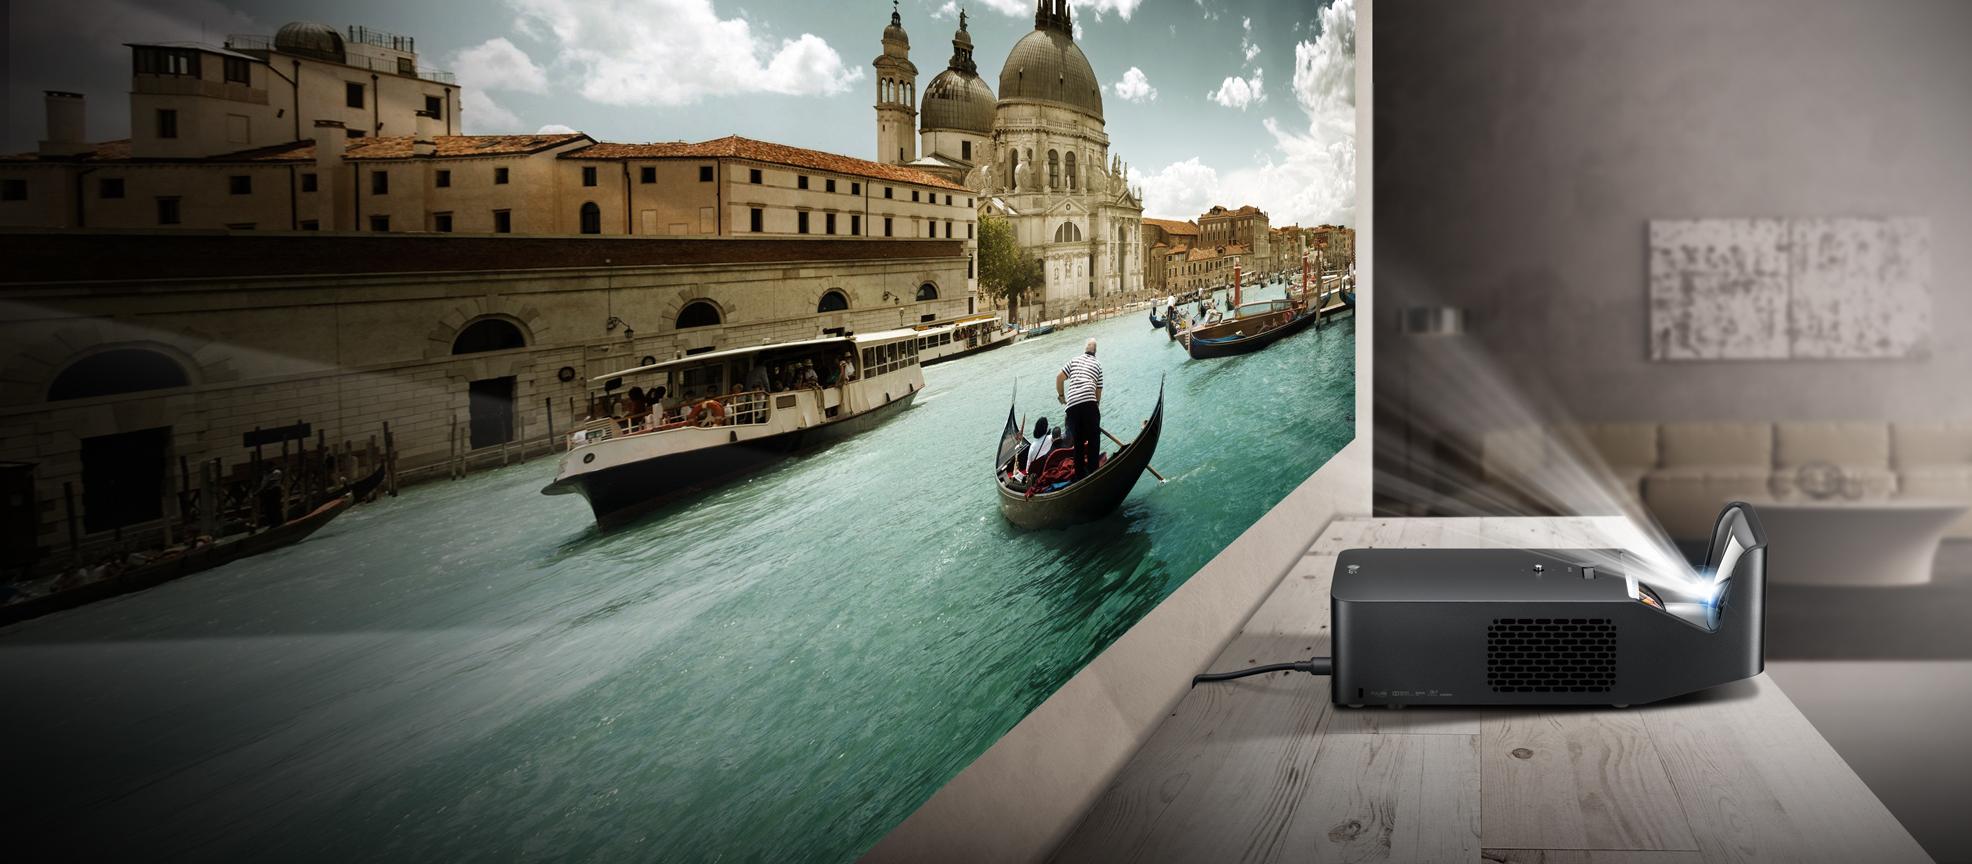 zu nah um wahr zu sein neuer ultrakurzdistanz projektor. Black Bedroom Furniture Sets. Home Design Ideas